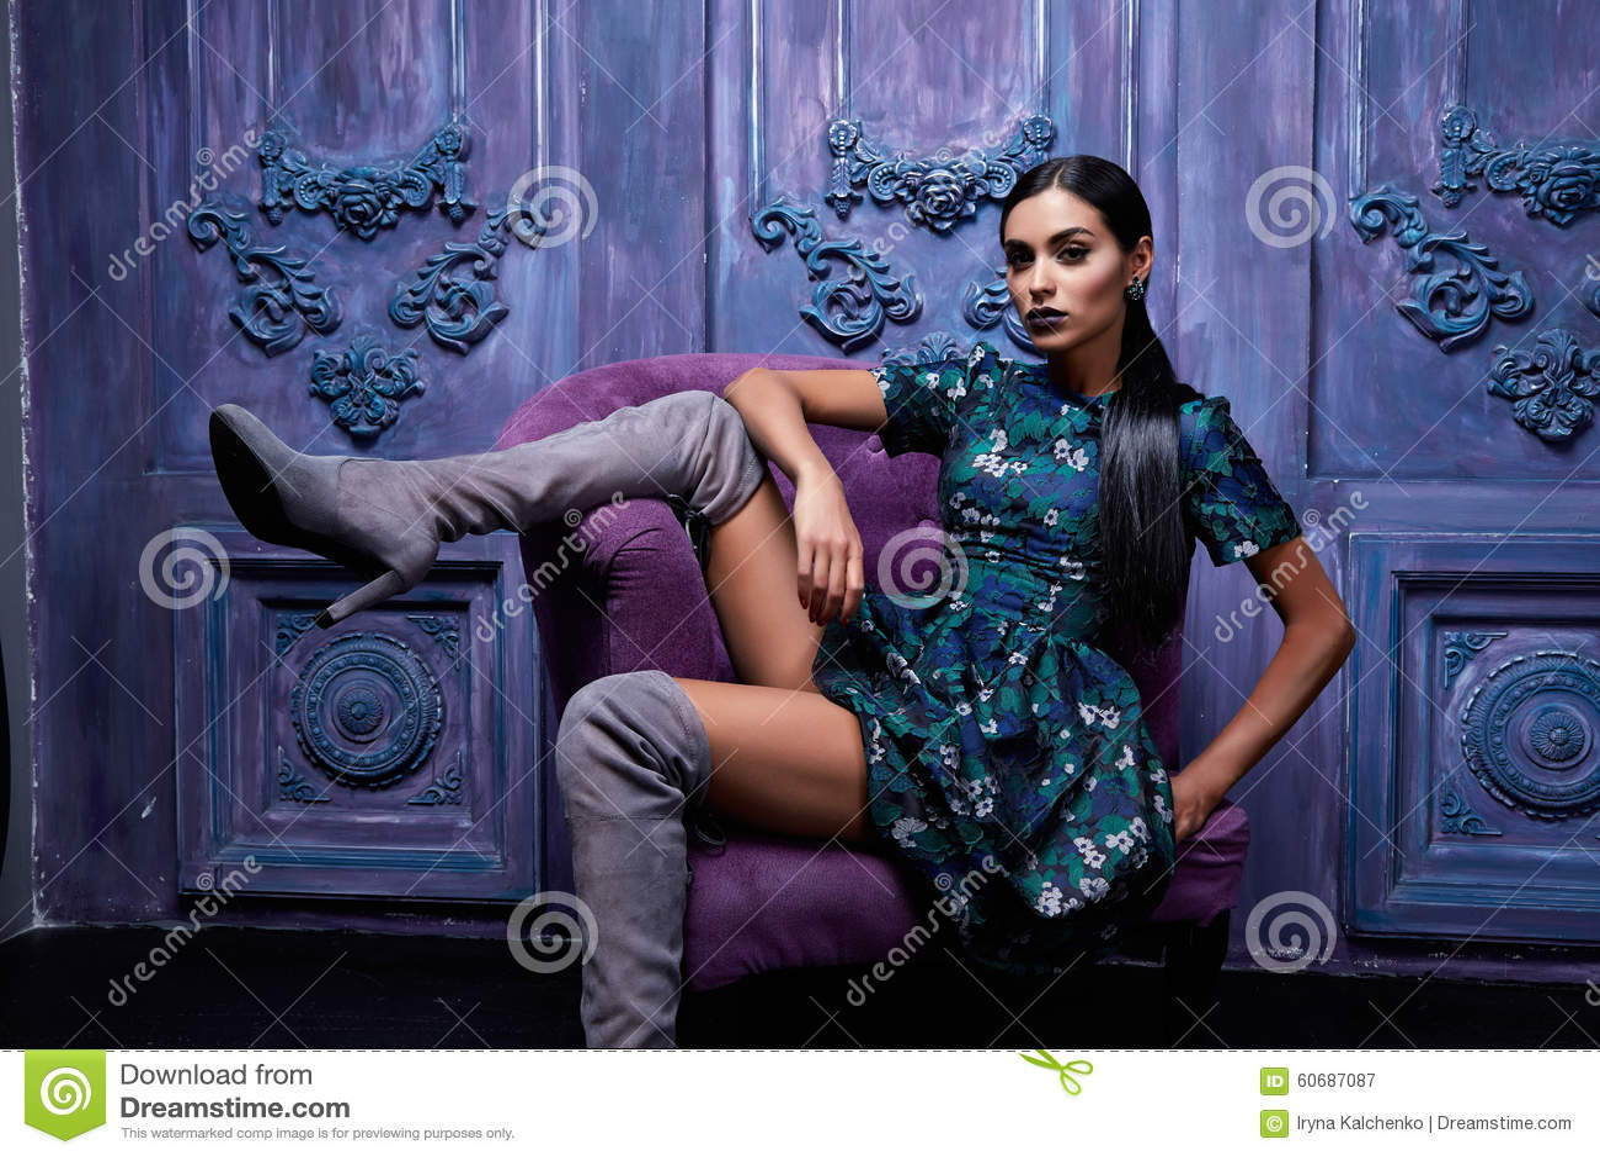 seksualnie-devushki-v-temnih-delah-eroticheskie-inostrannie-otkritki-muzhchina-s-zhenshinoy